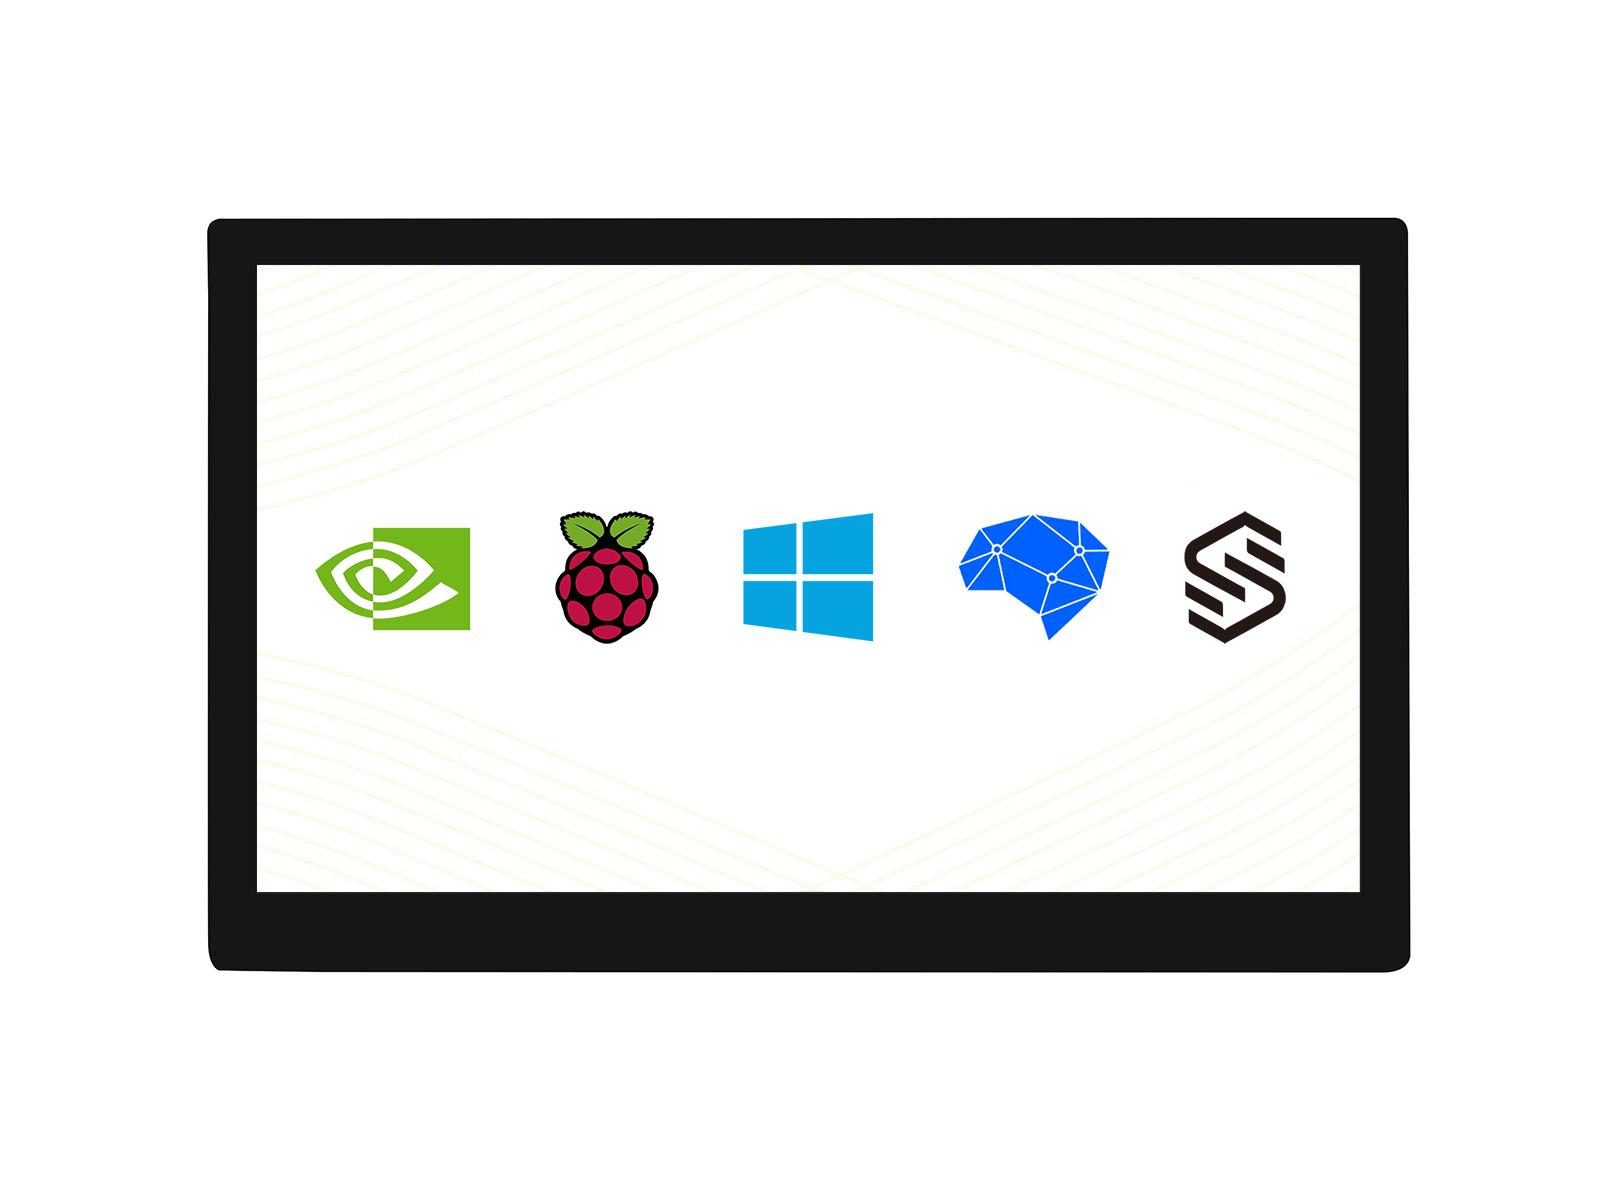 10.1寸QLED量子点显示屏 1280×720 G+G钢化玻璃面板 高兼容性